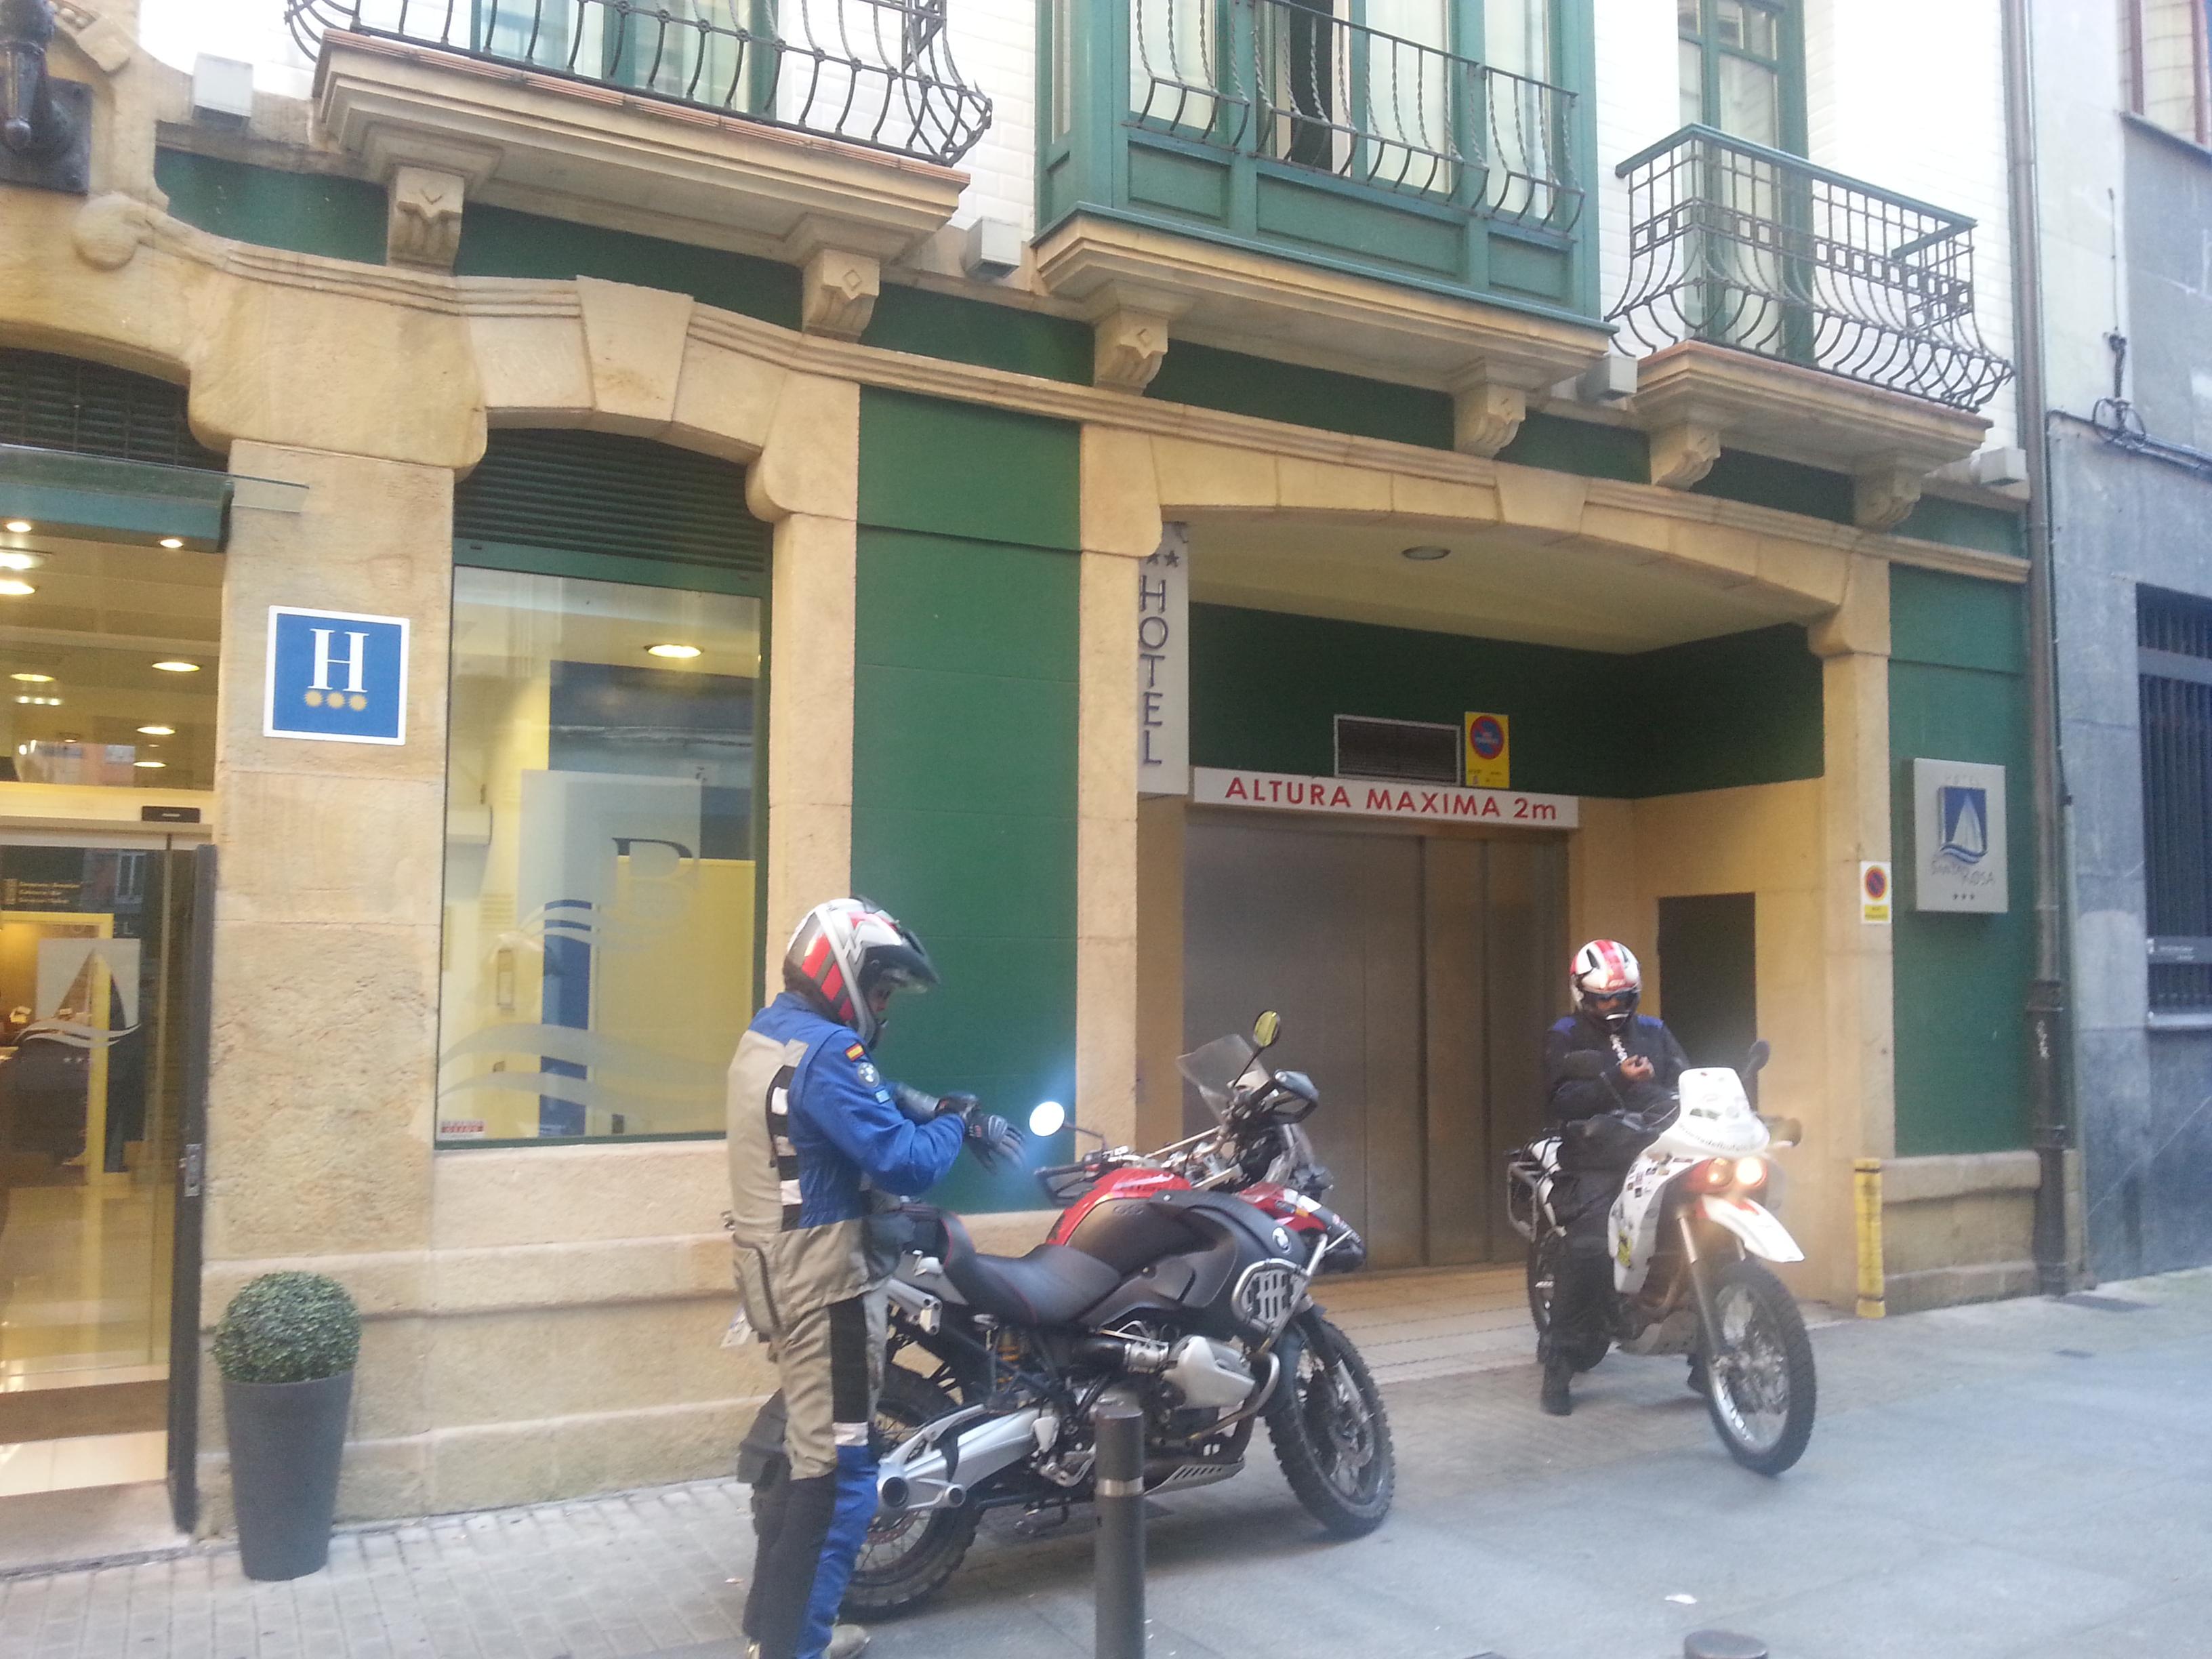 Preparandose Para Grabar Una Nueva Ruta De Caballos De Metal En El Hotel Blue Santa Rosa De Gijon